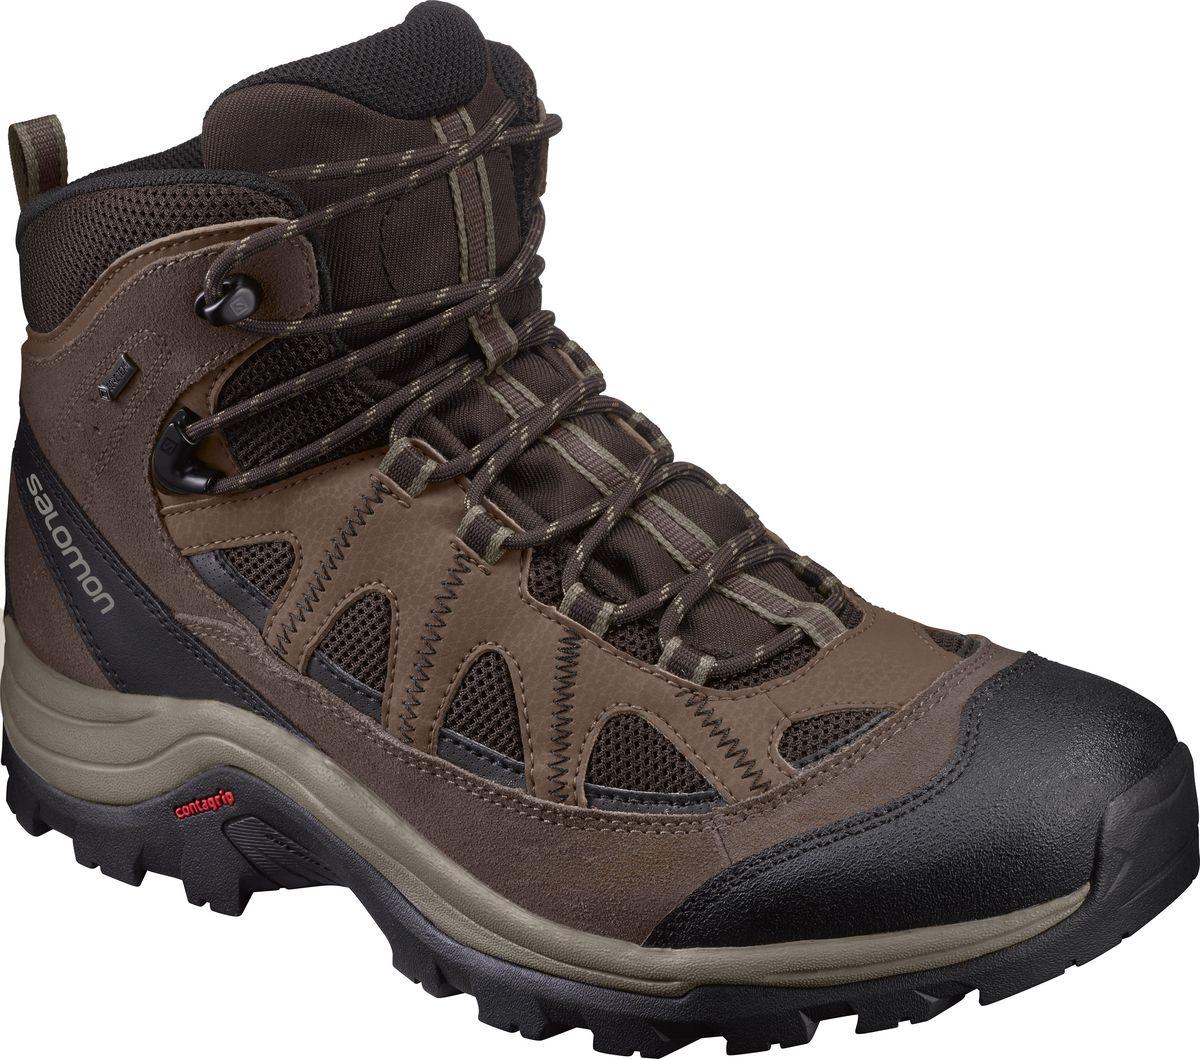 Ботинки мужские Salomon Authentic LTR GTX, цвет: коричневый. L39466800. Размер 12 (46)